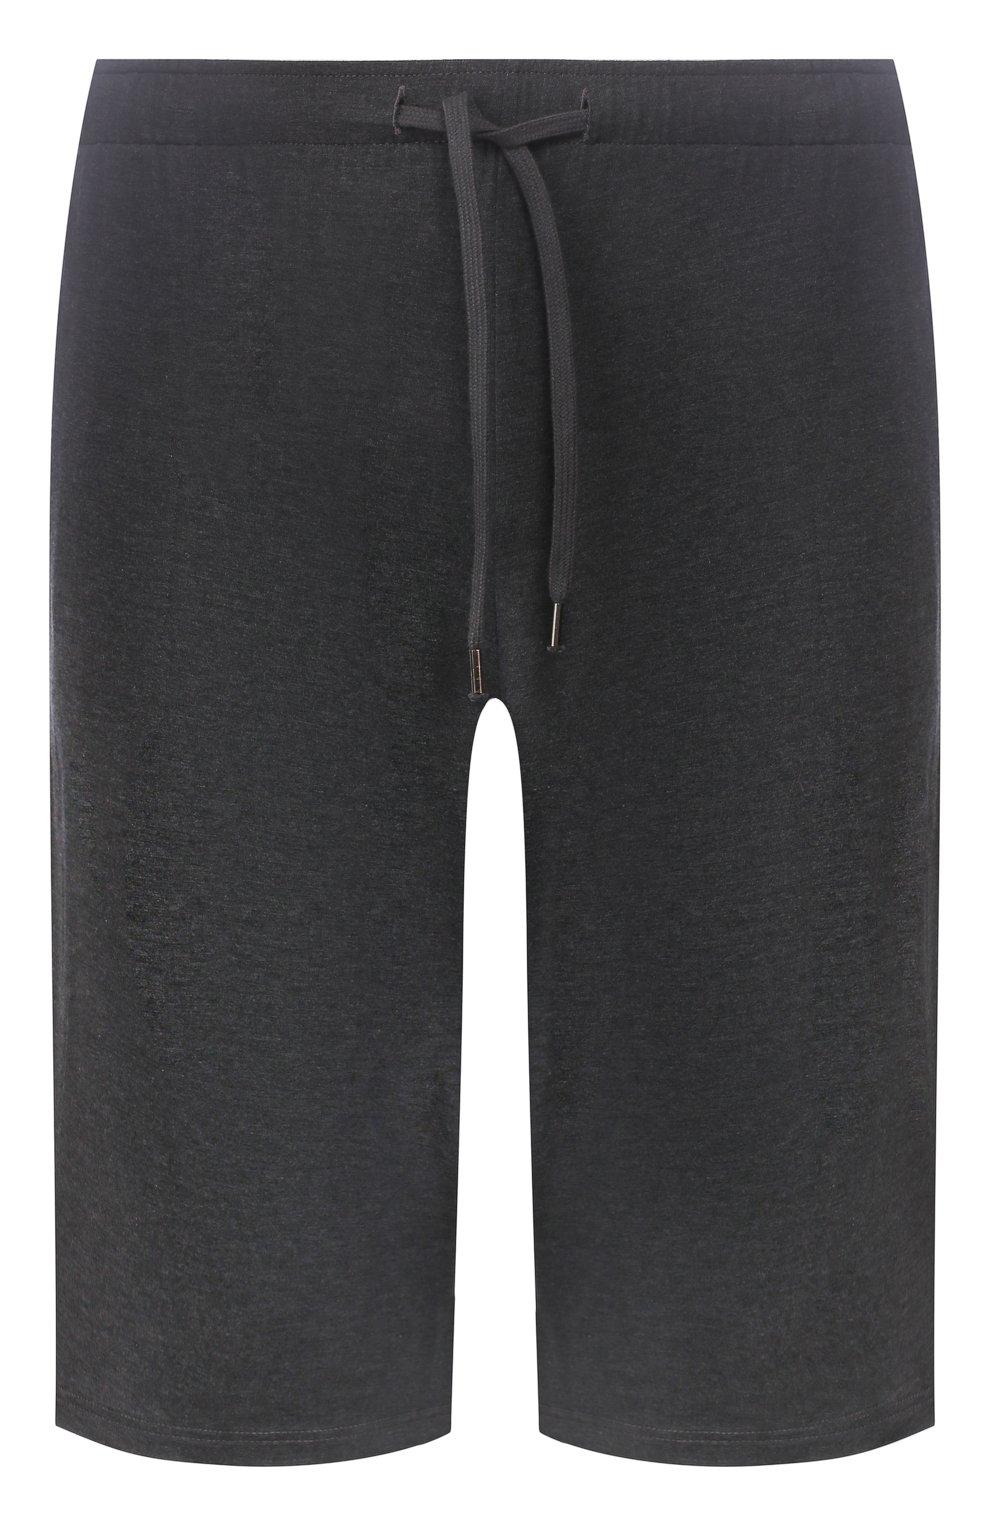 Мужские домашние шорты DEREK ROSE темно-серого цвета, арт. 3559-MARL001   Фото 1 (Кросс-КТ: домашняя одежда; Материал внешний: Синтетический материал; Статус проверки: Проверена категория)